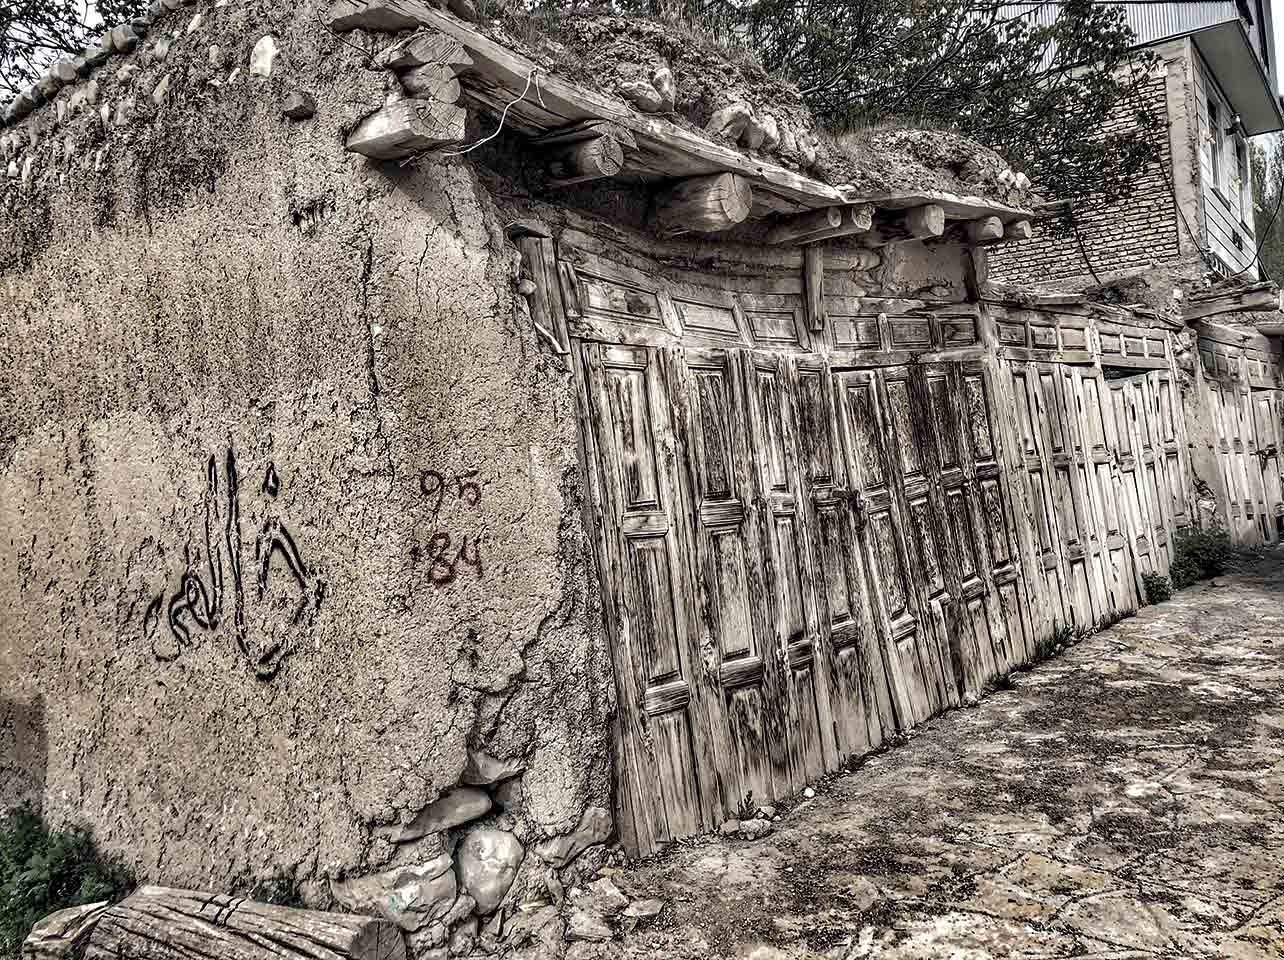 روستای گیلوان، روستایی با قدمت هخامنشیان درخلخال